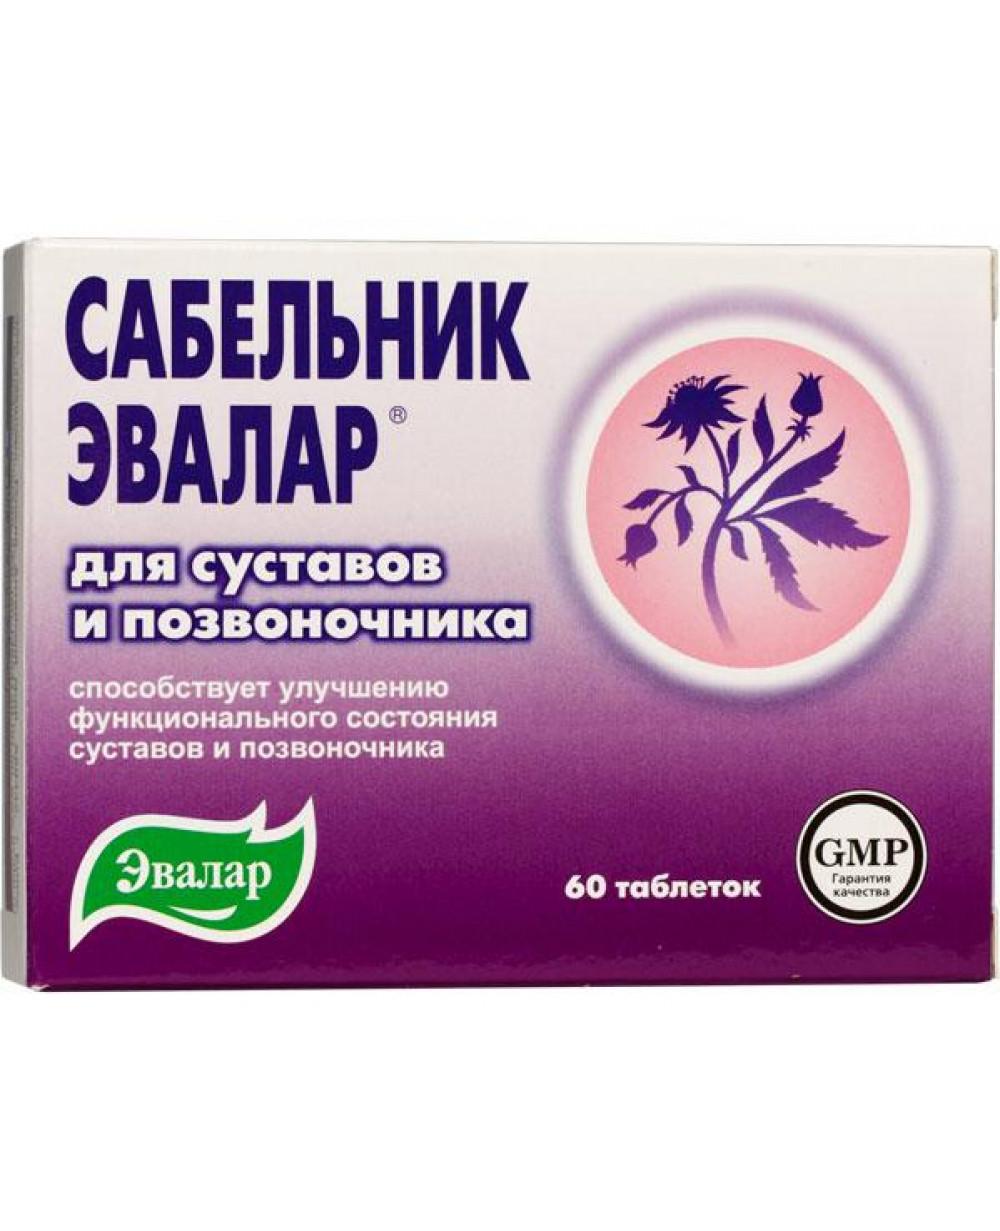 Сабельник эвалар - инструкция по применению таблеток